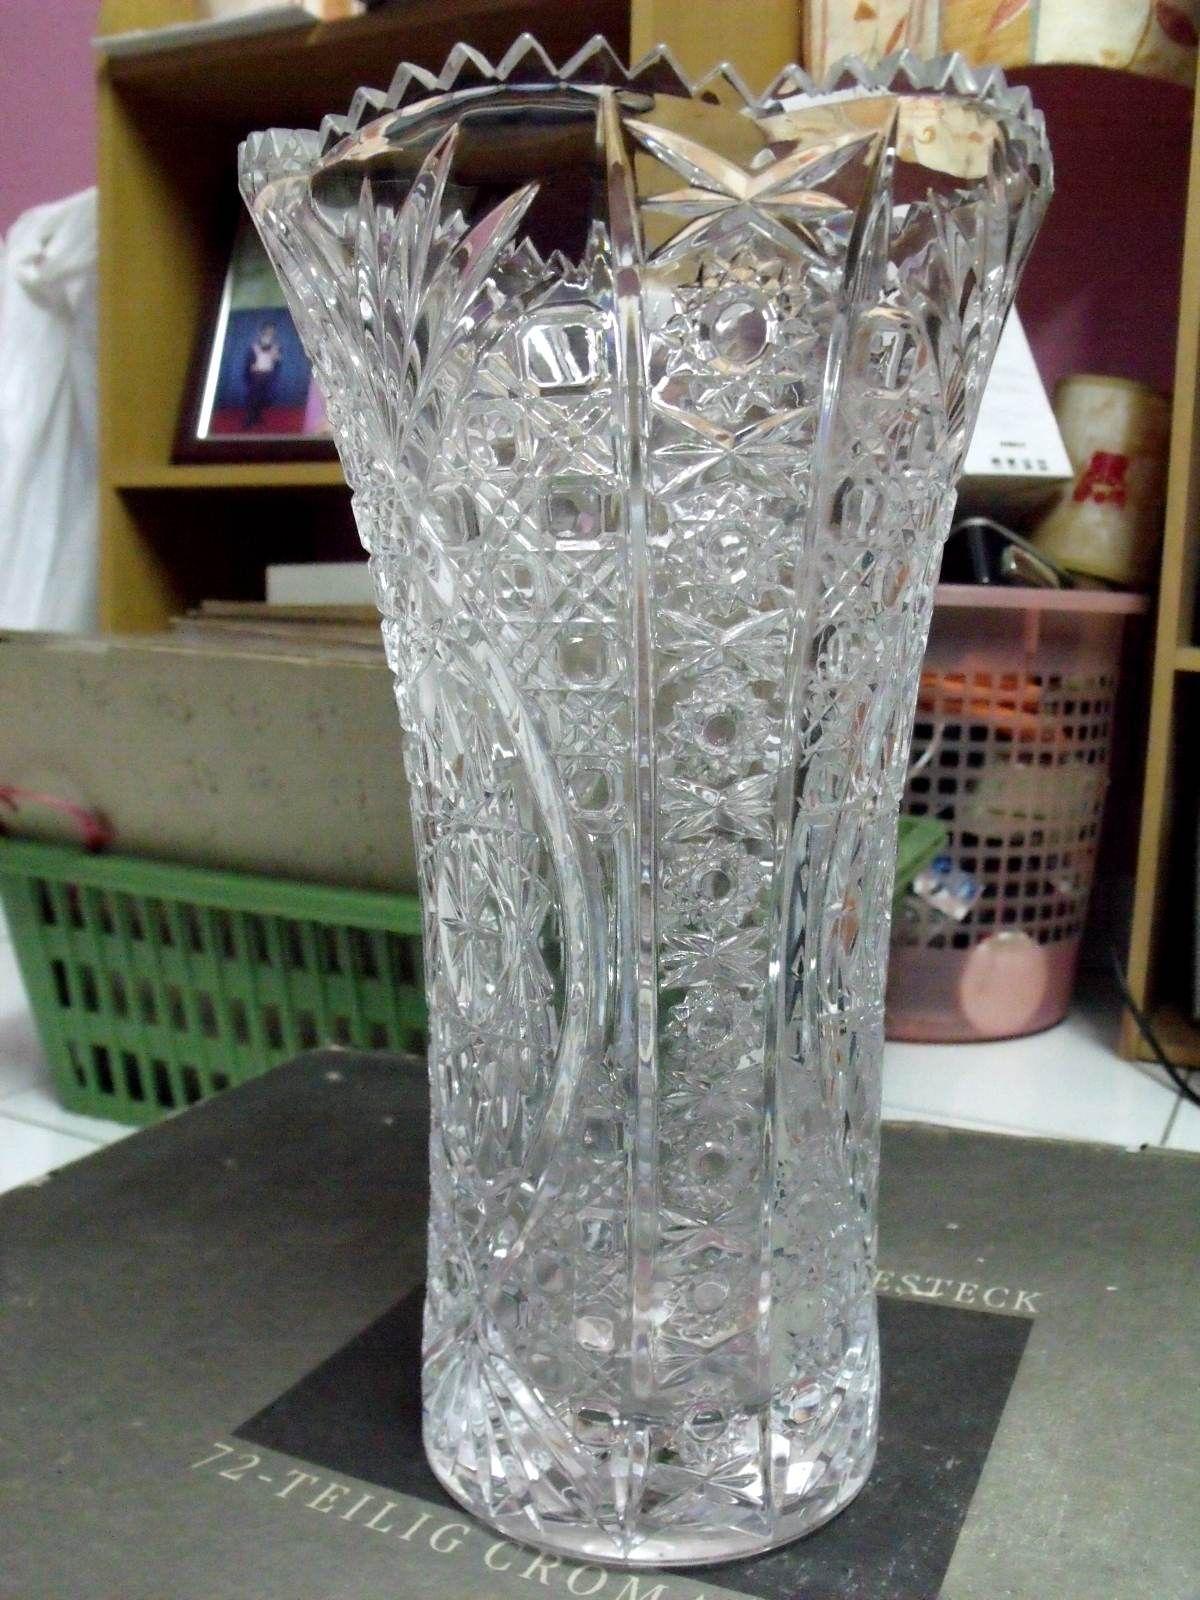 Image detail for solid crystal vase antiques and collectibles image detail for solid crystal vase antiques and collectibles reviewsmspy